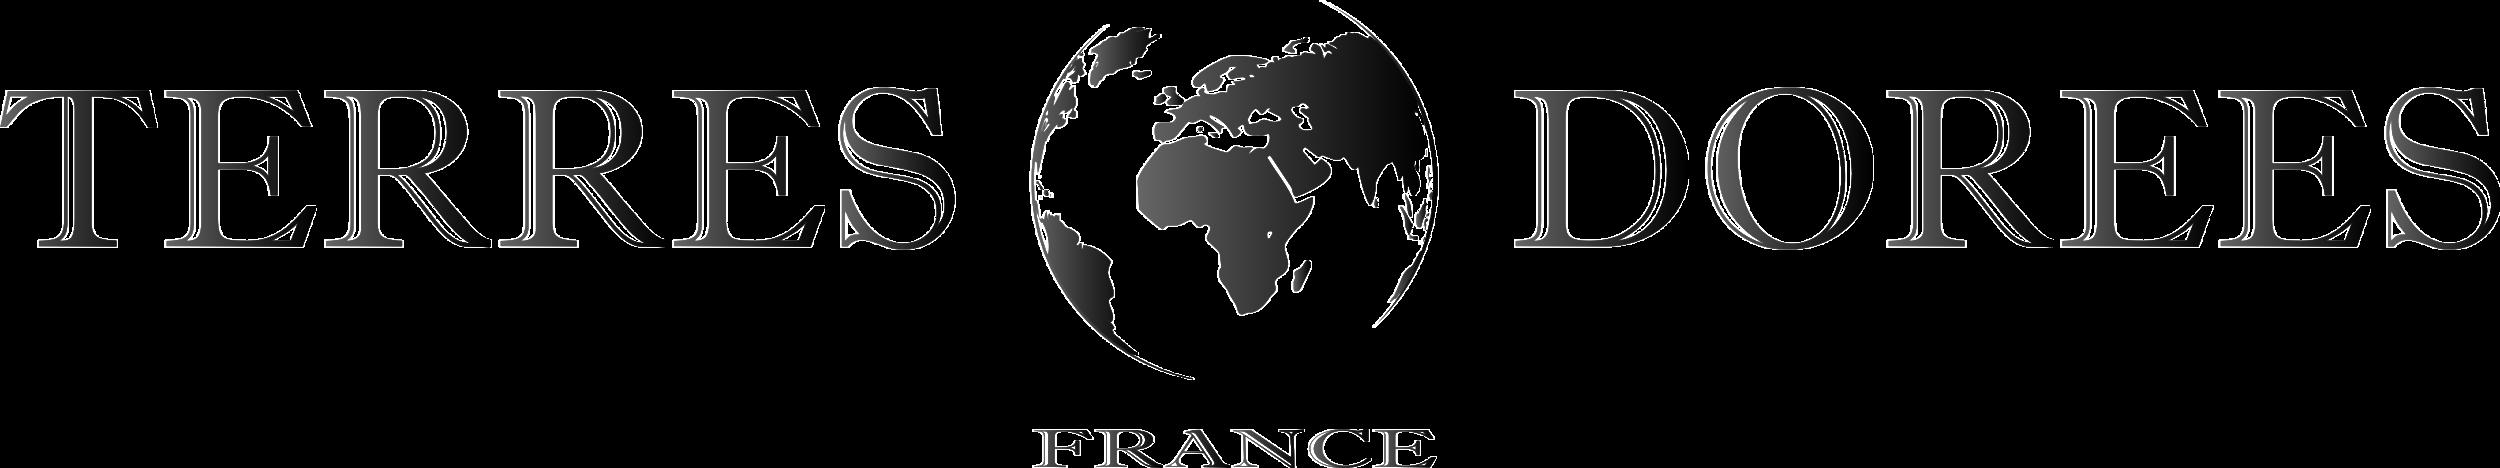 logo-terres-dorées-linéaire.png